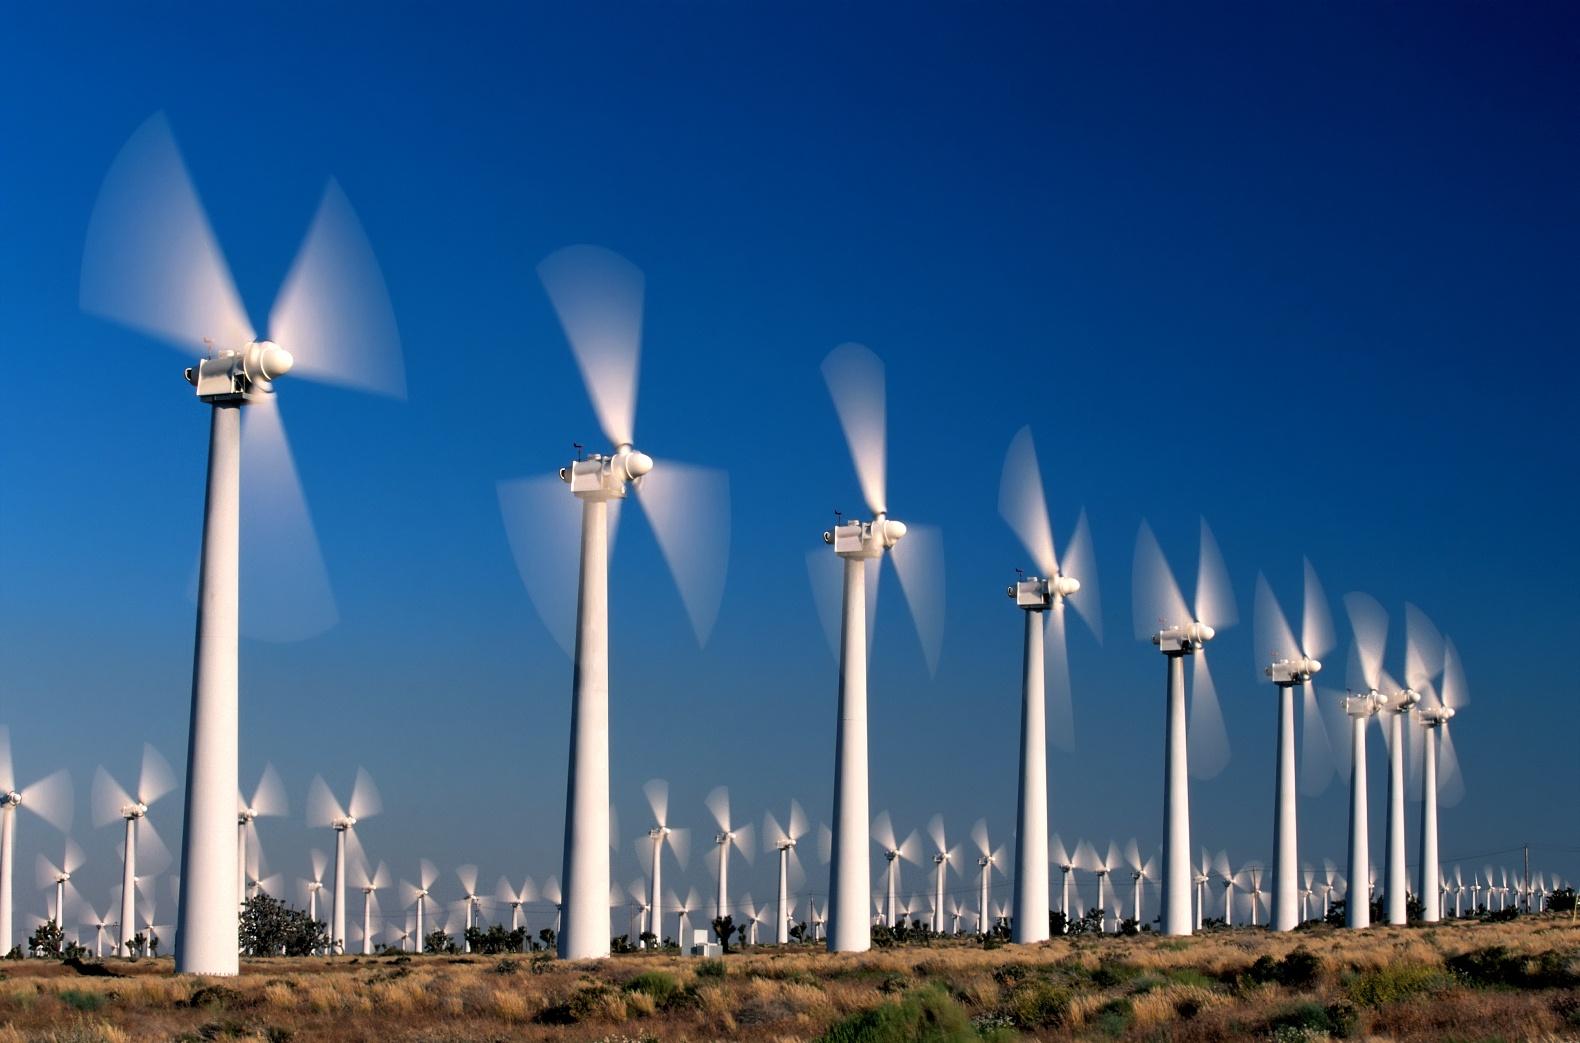 Wind-Turbines-Windmill-Farm-1.jpg